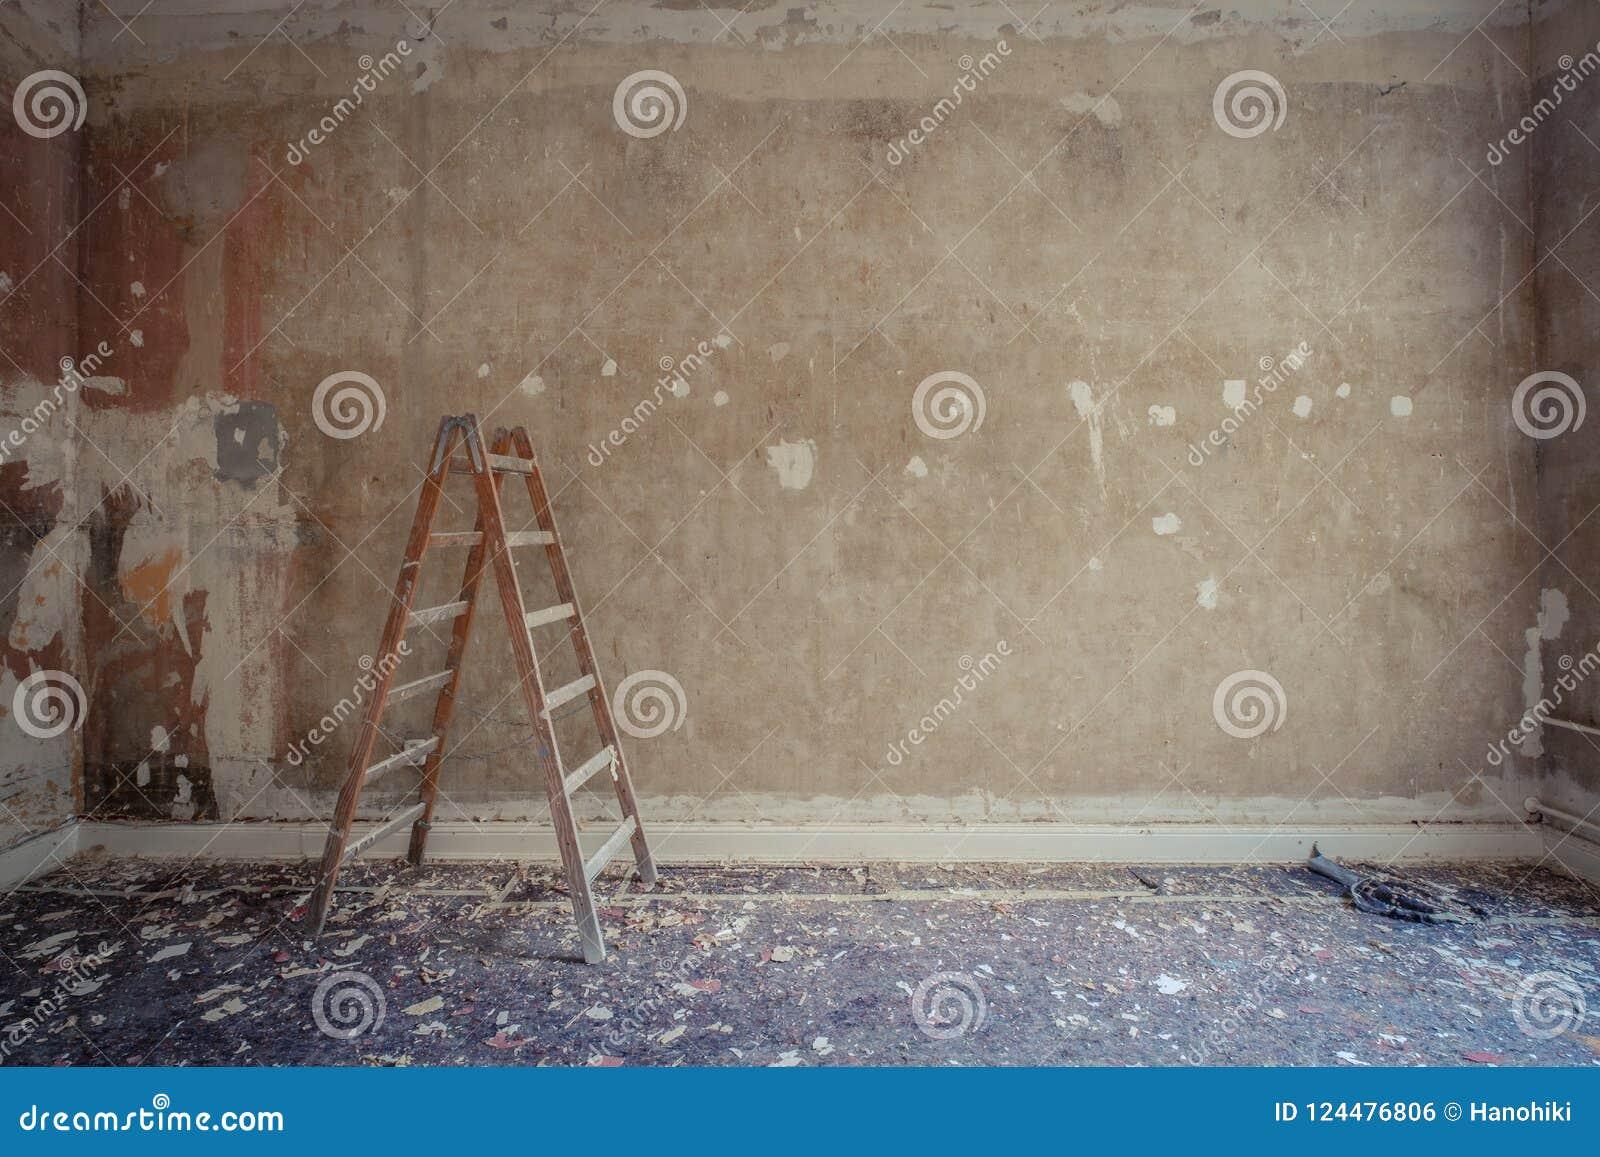 Leiter im leeren Raum während der Erneuerung - Inneneinrichtung, Wiederherstellungskonzept